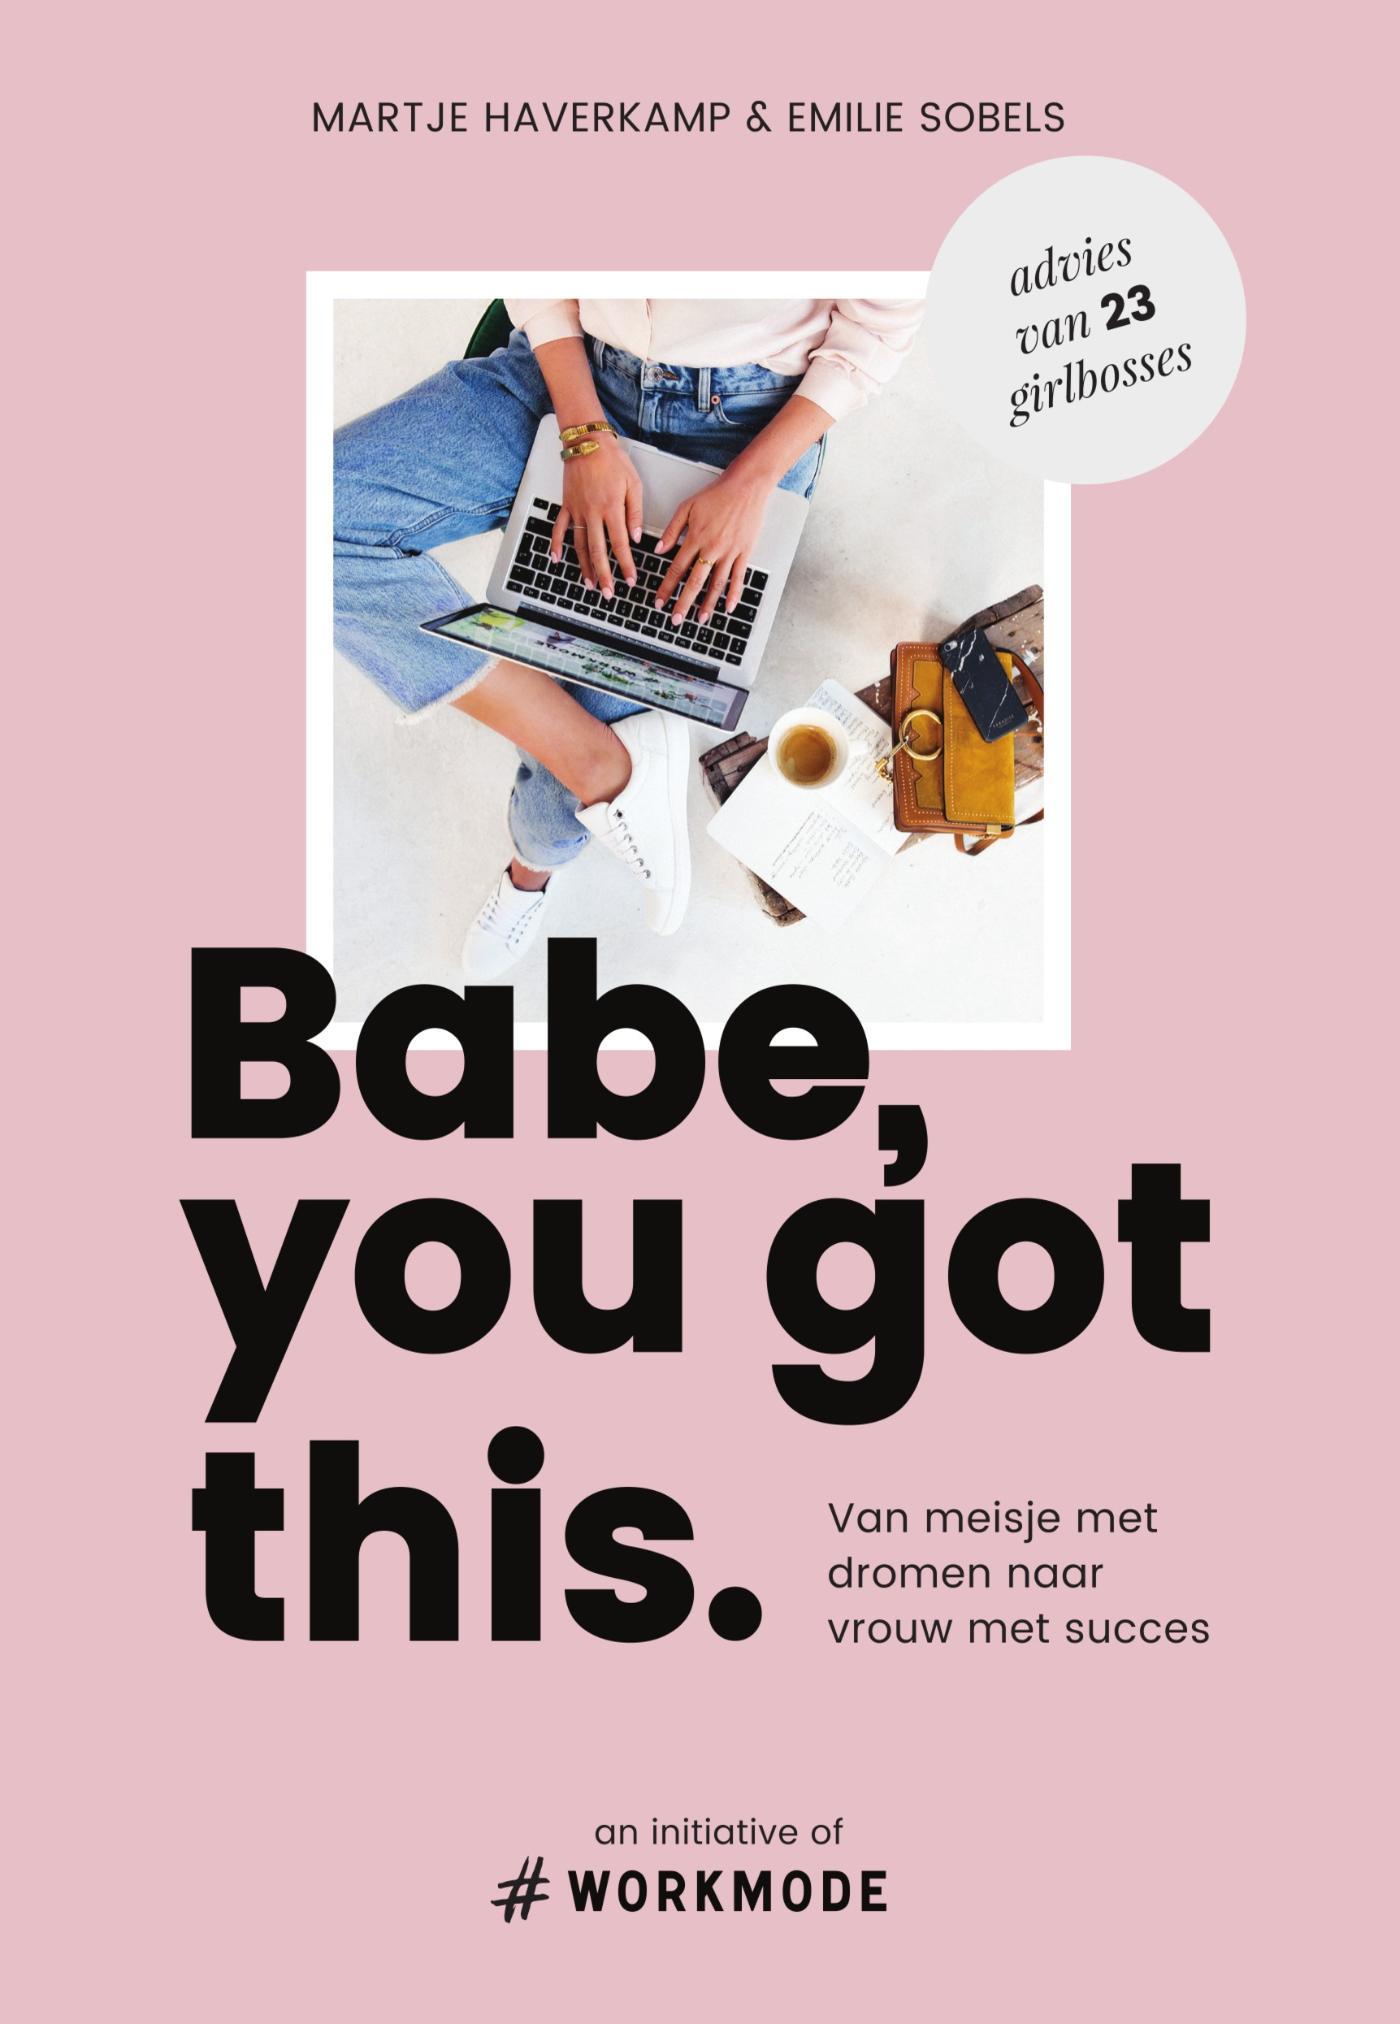 Babe, you got this. - van meisje met dromen naar vrouw met succes